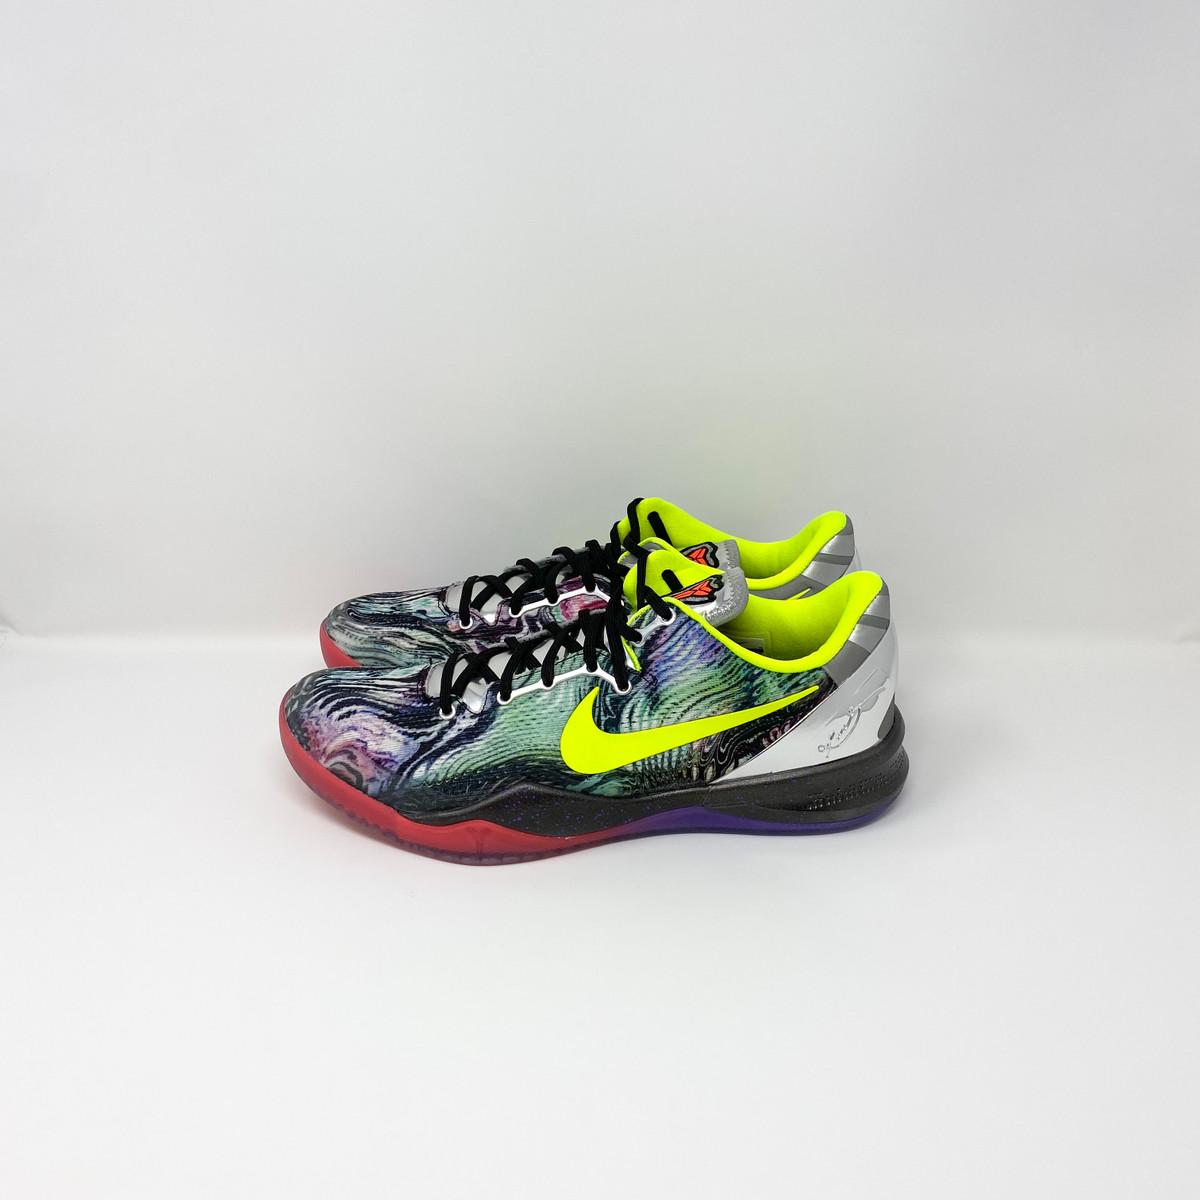 Nike Kobe 8 Prelude